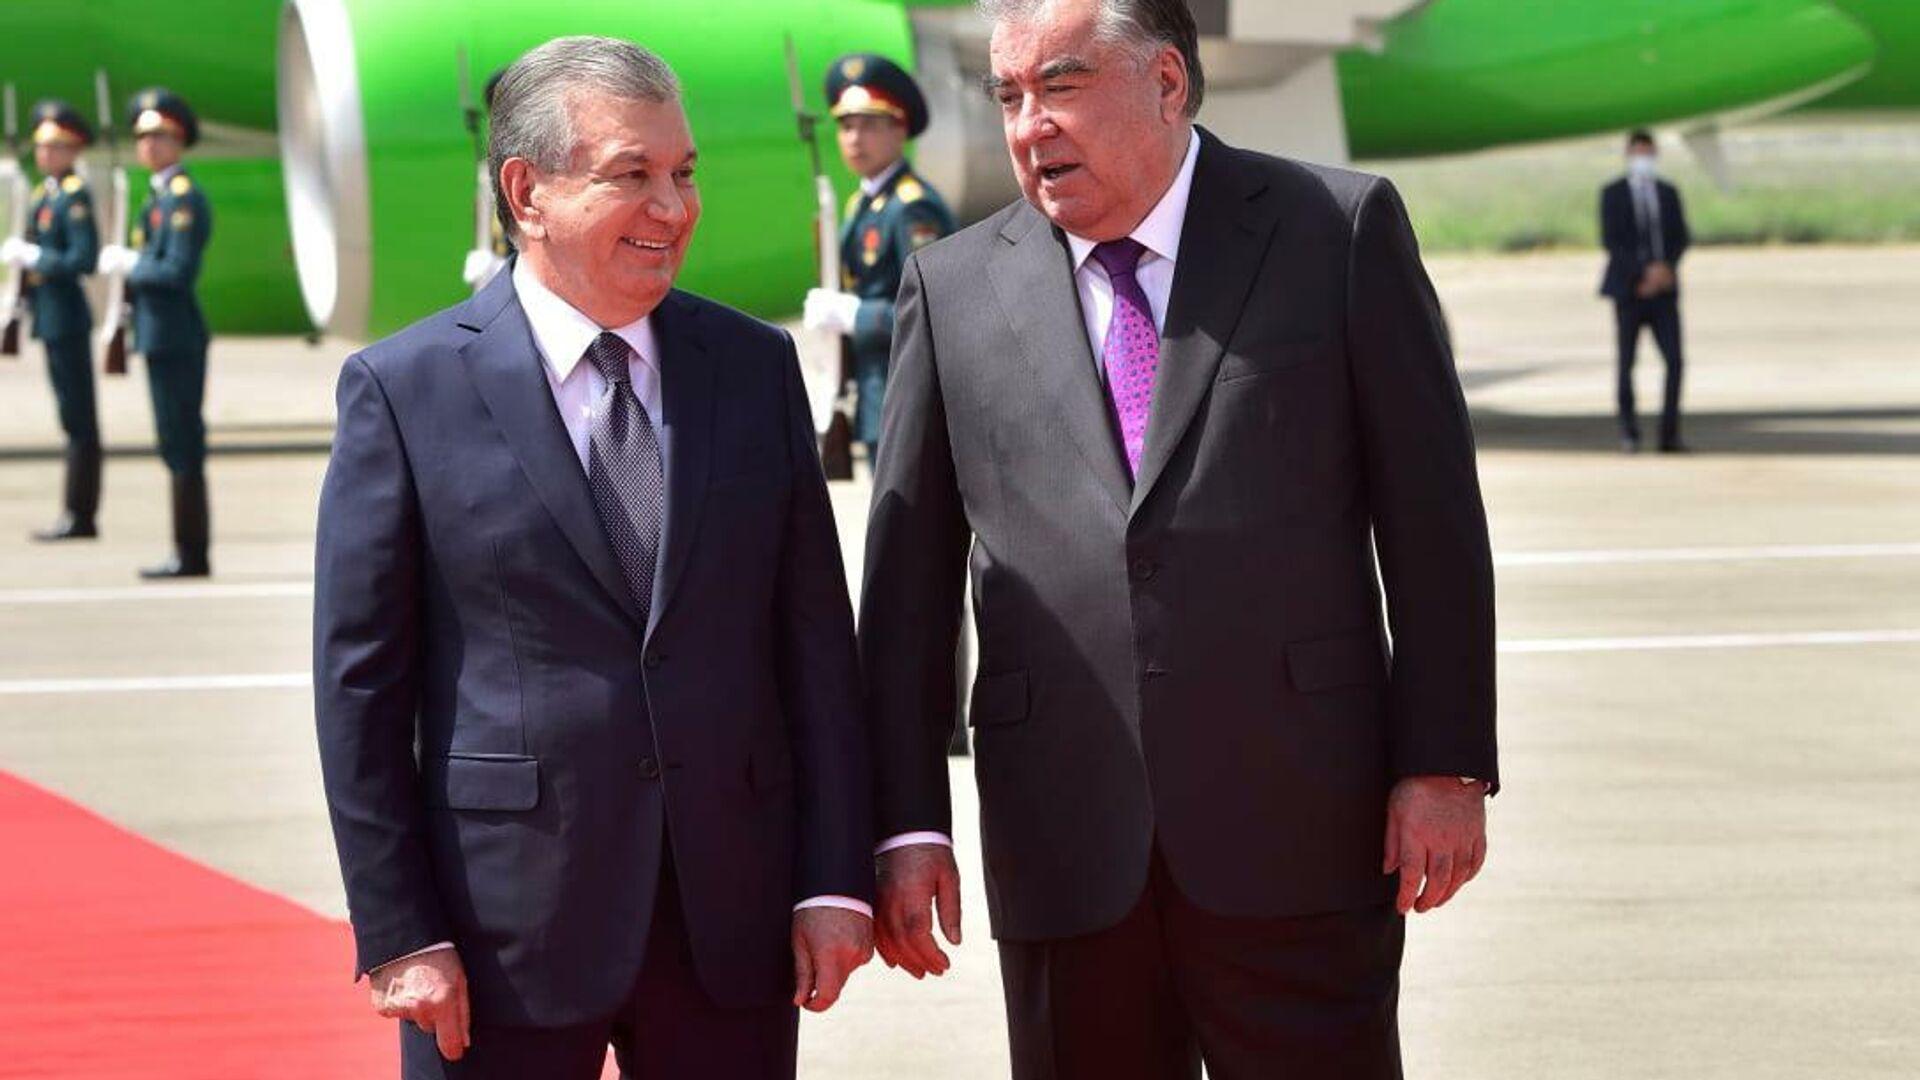 Шавкат Мирзиёев прибыл с официальным визитом в Таджикистан - Sputnik Ўзбекистон, 1920, 06.10.2021